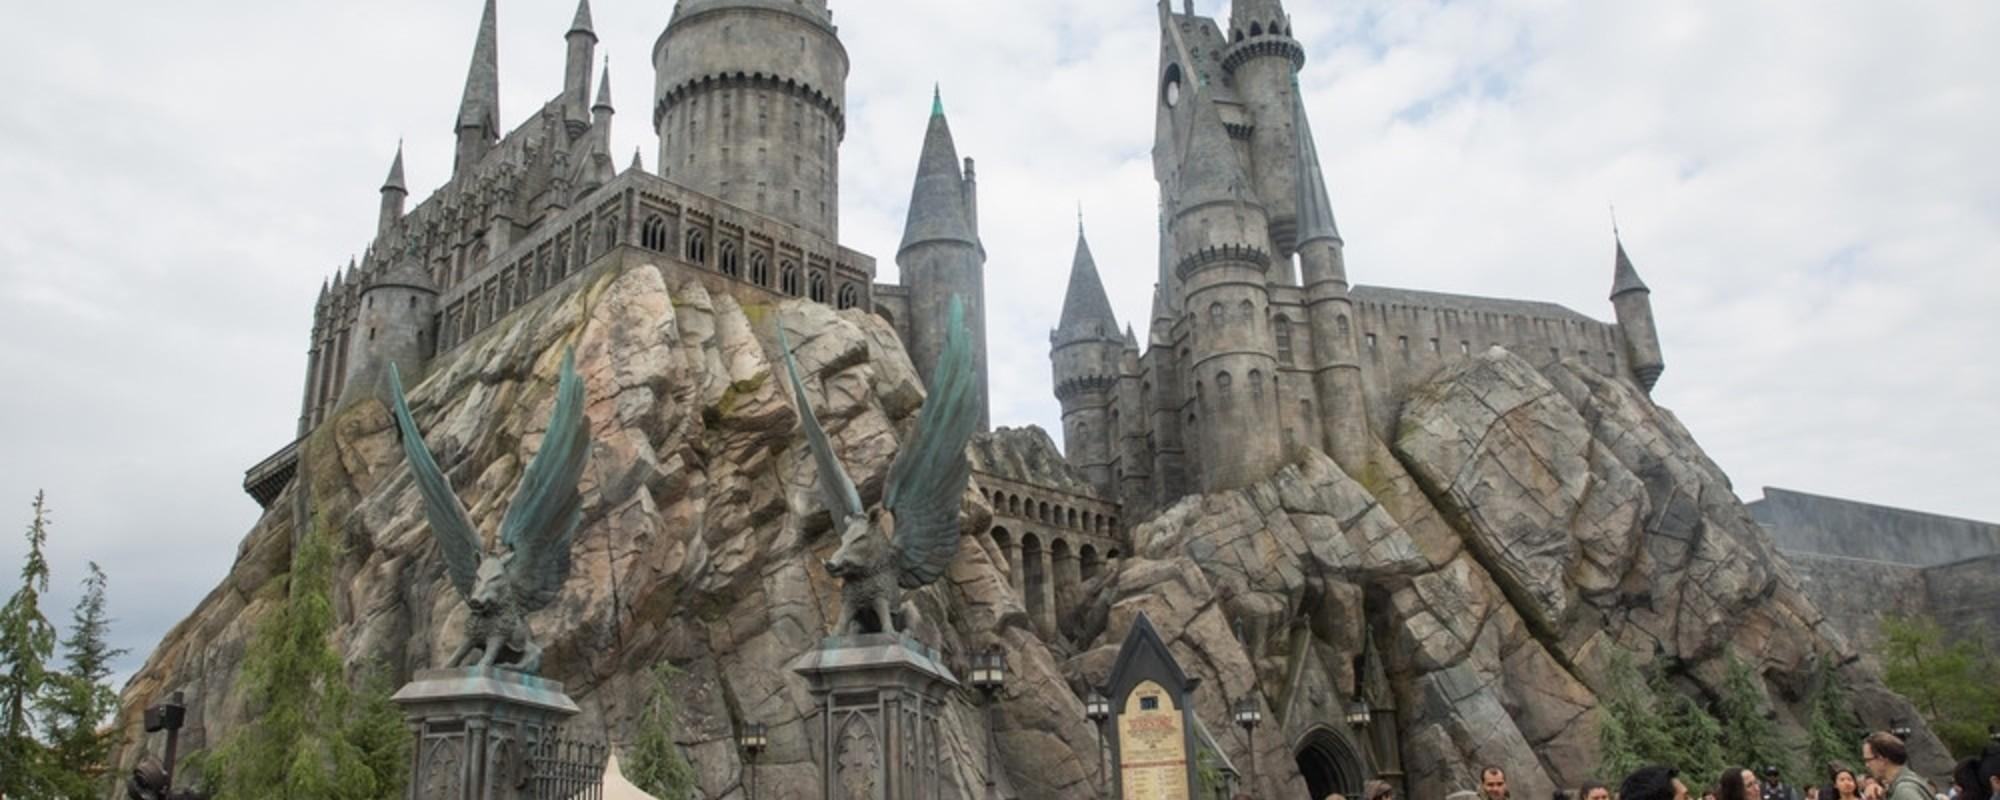 Så meget Harry Potter-land får man for 3,2 millarder kroner